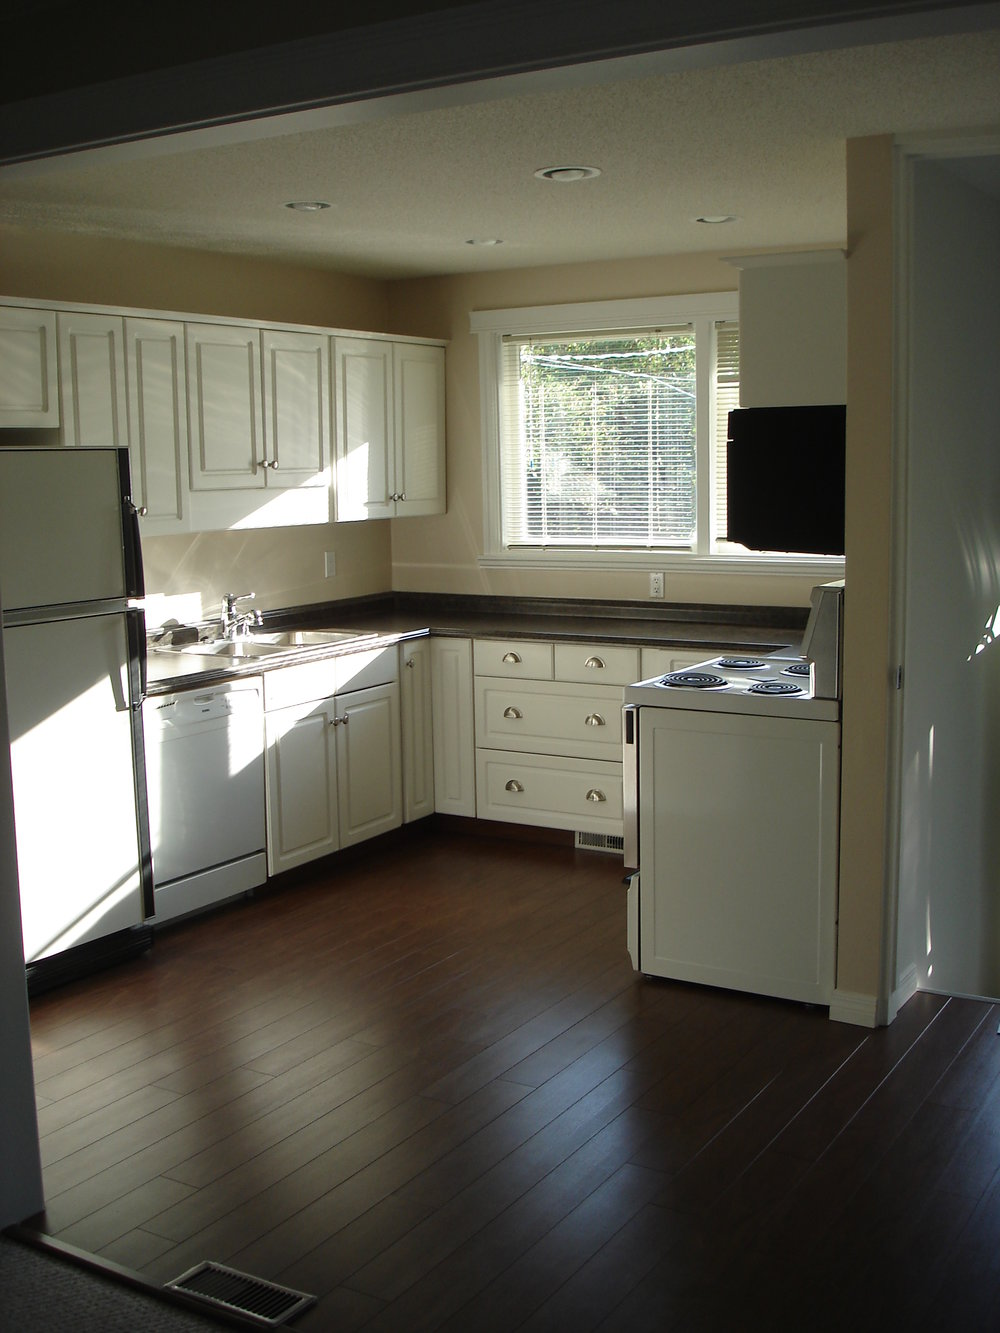 Kitchen Reno: After